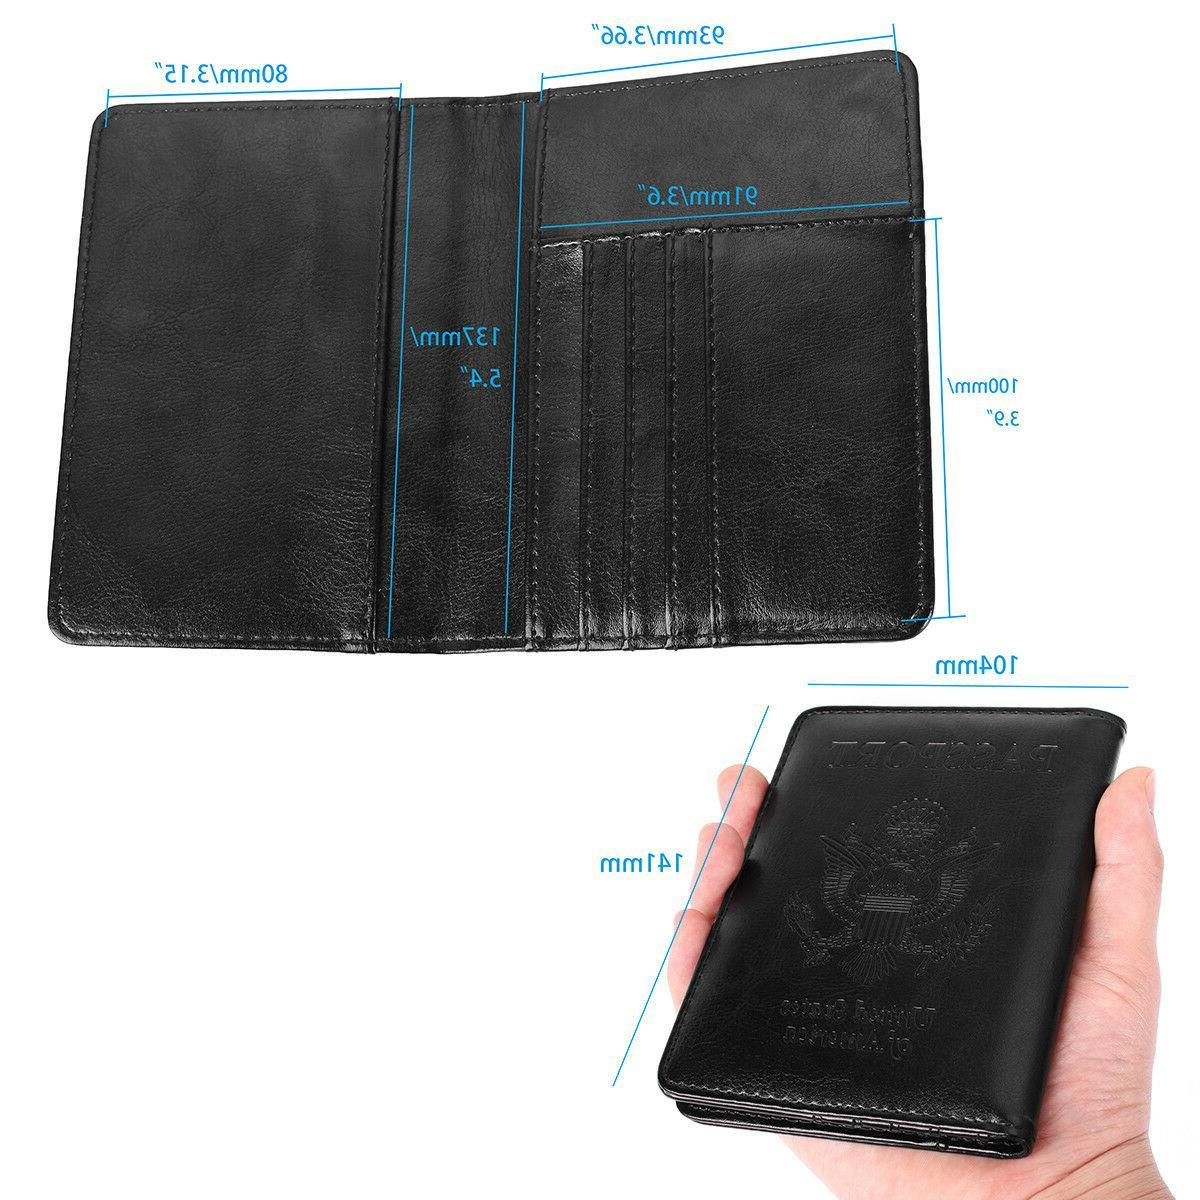 Premium Leather Blocking Passport ID Cards Cover Case